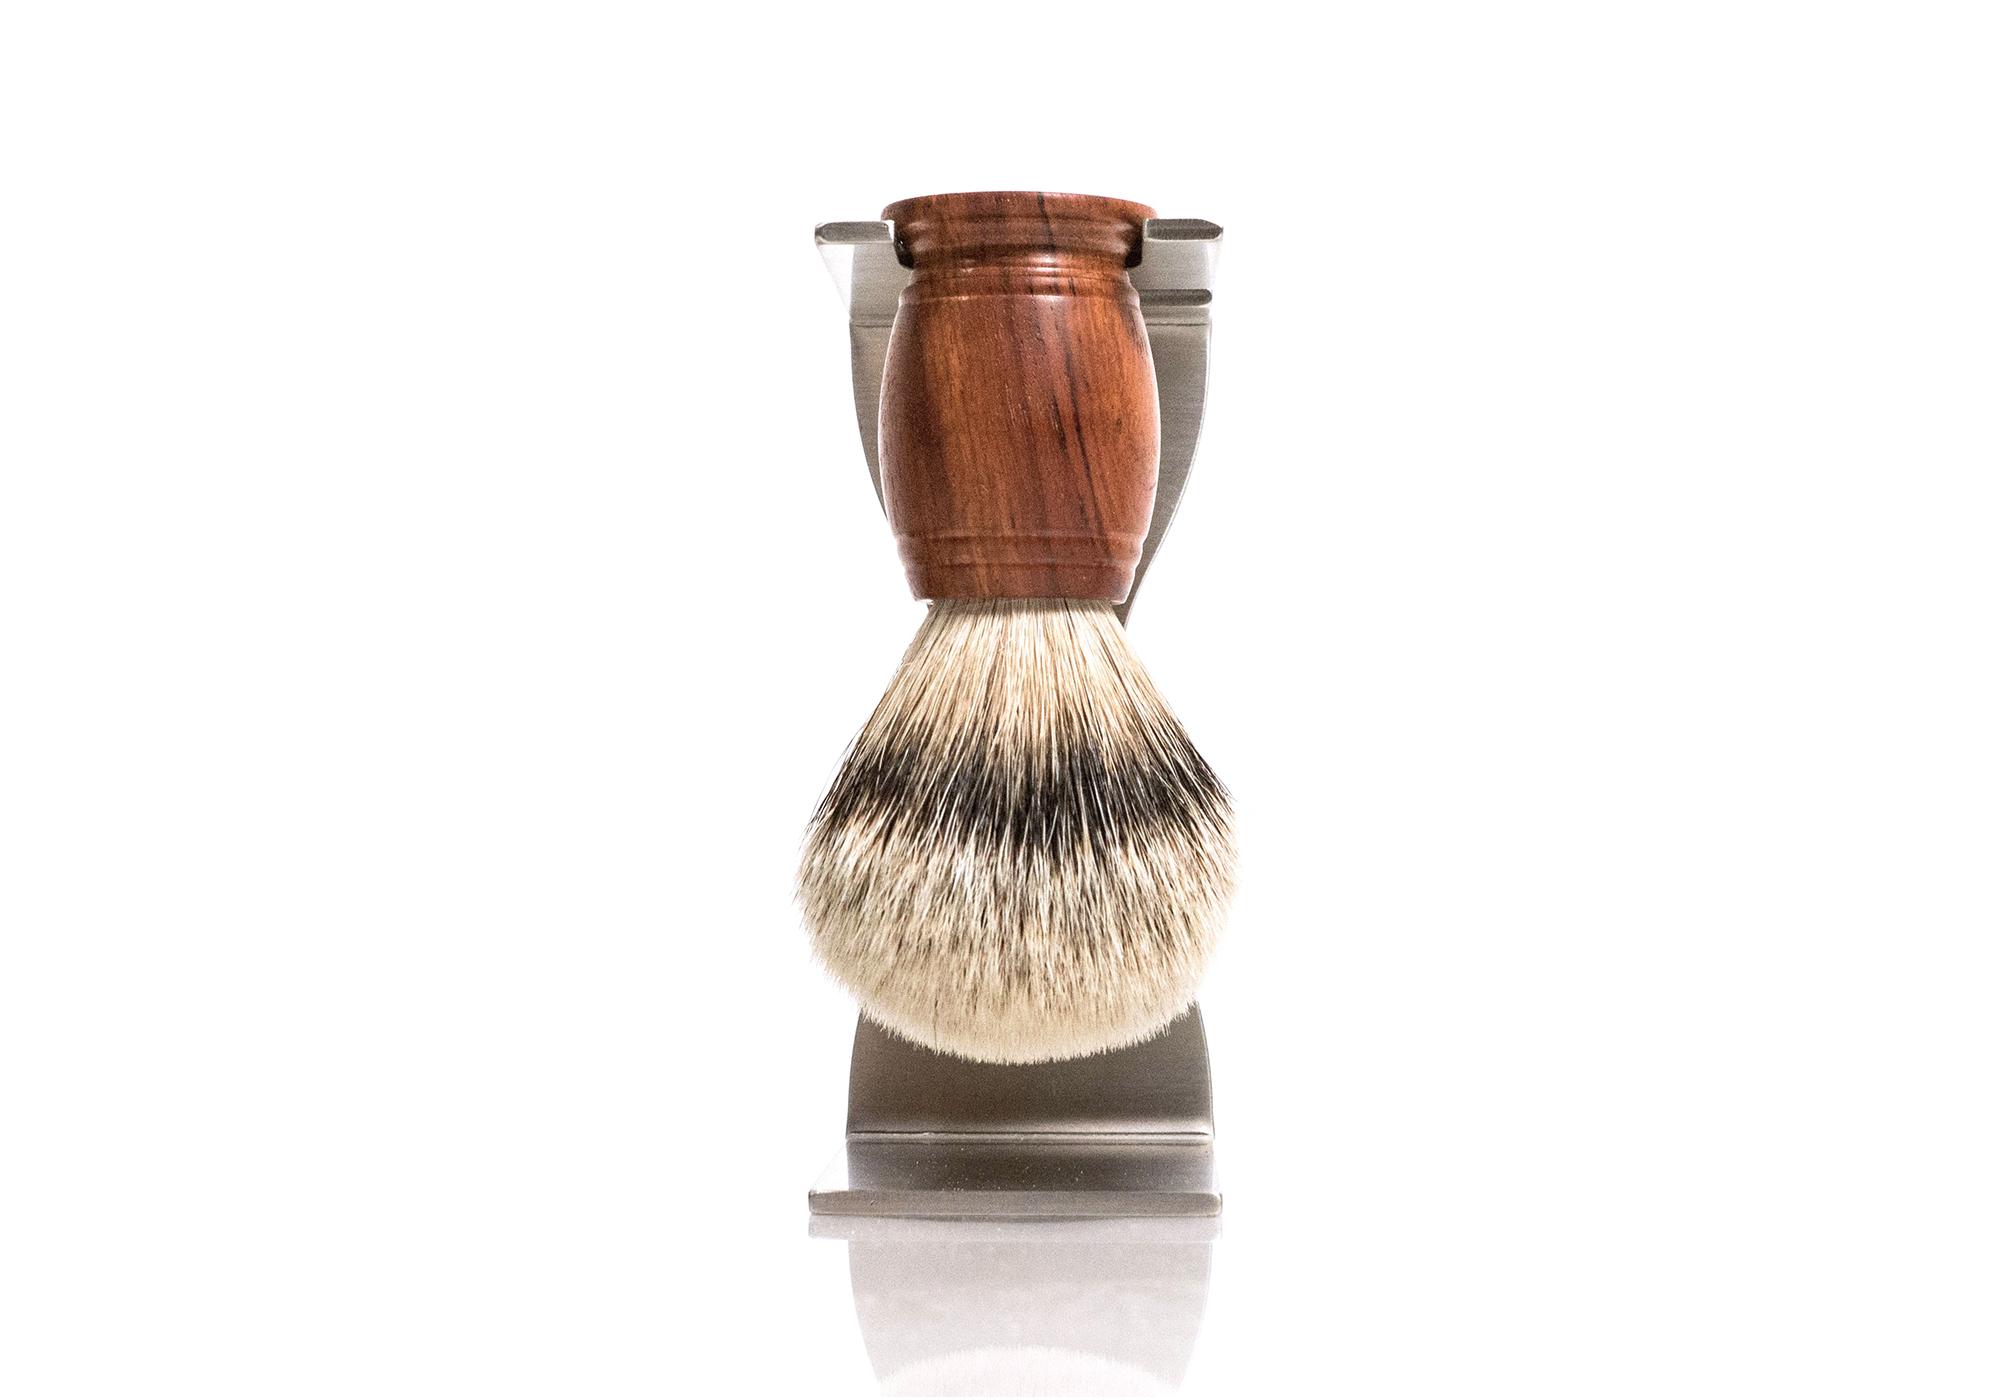 silver-tip-Badger-hair-brush-.jpg